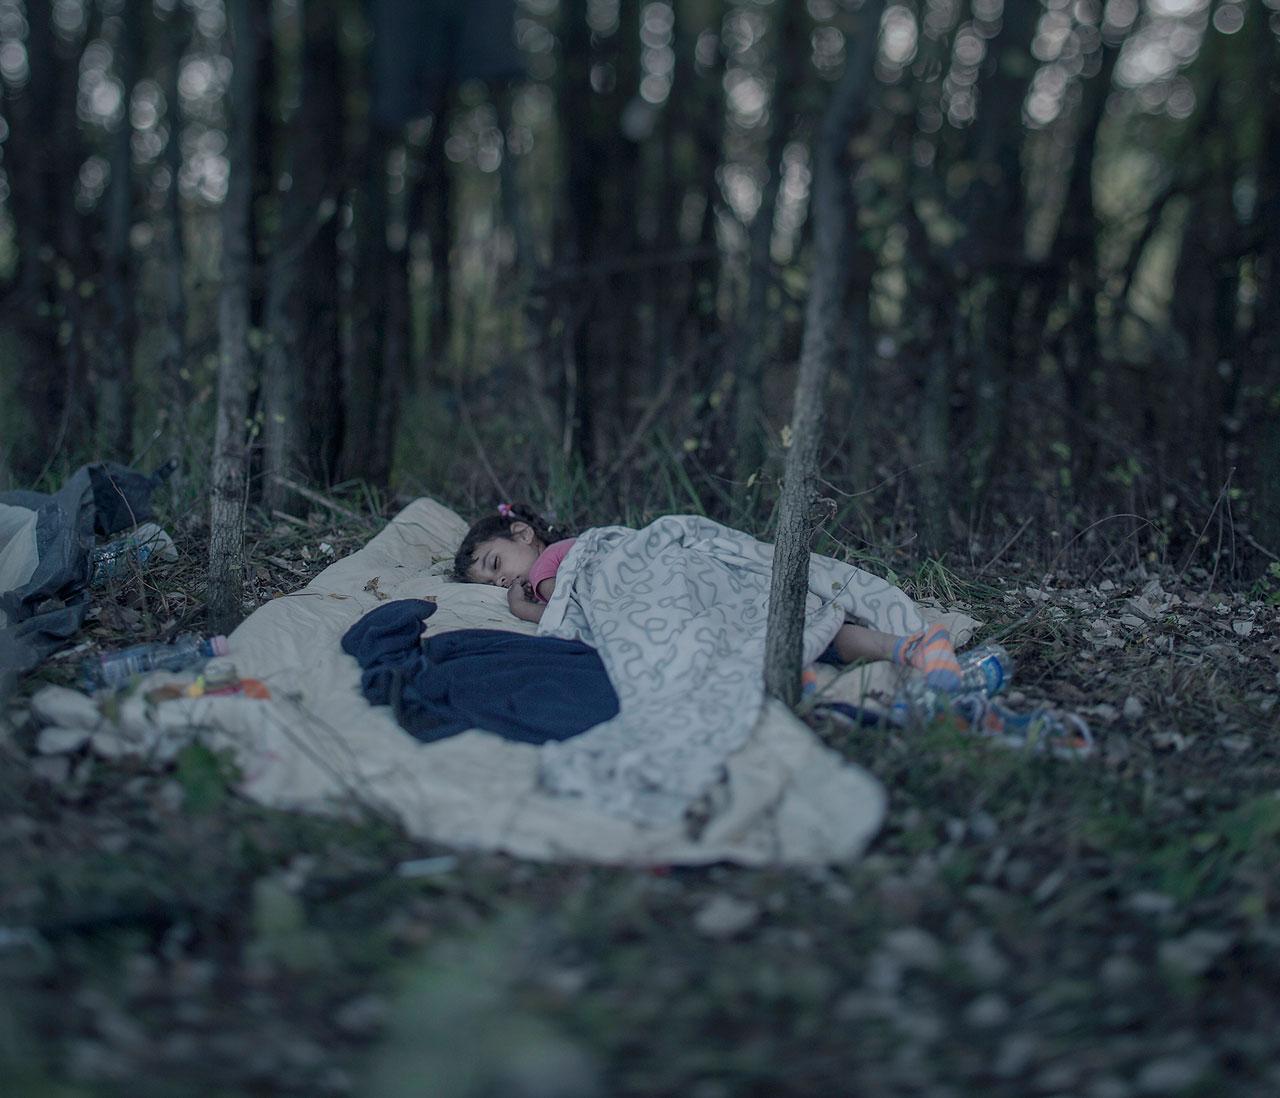 Mit dem zweiten Preis wurde die Serie »Wo die Kinder schlafen« des schwedischen Fotografen Magnus Wennman ausgezeichnet.